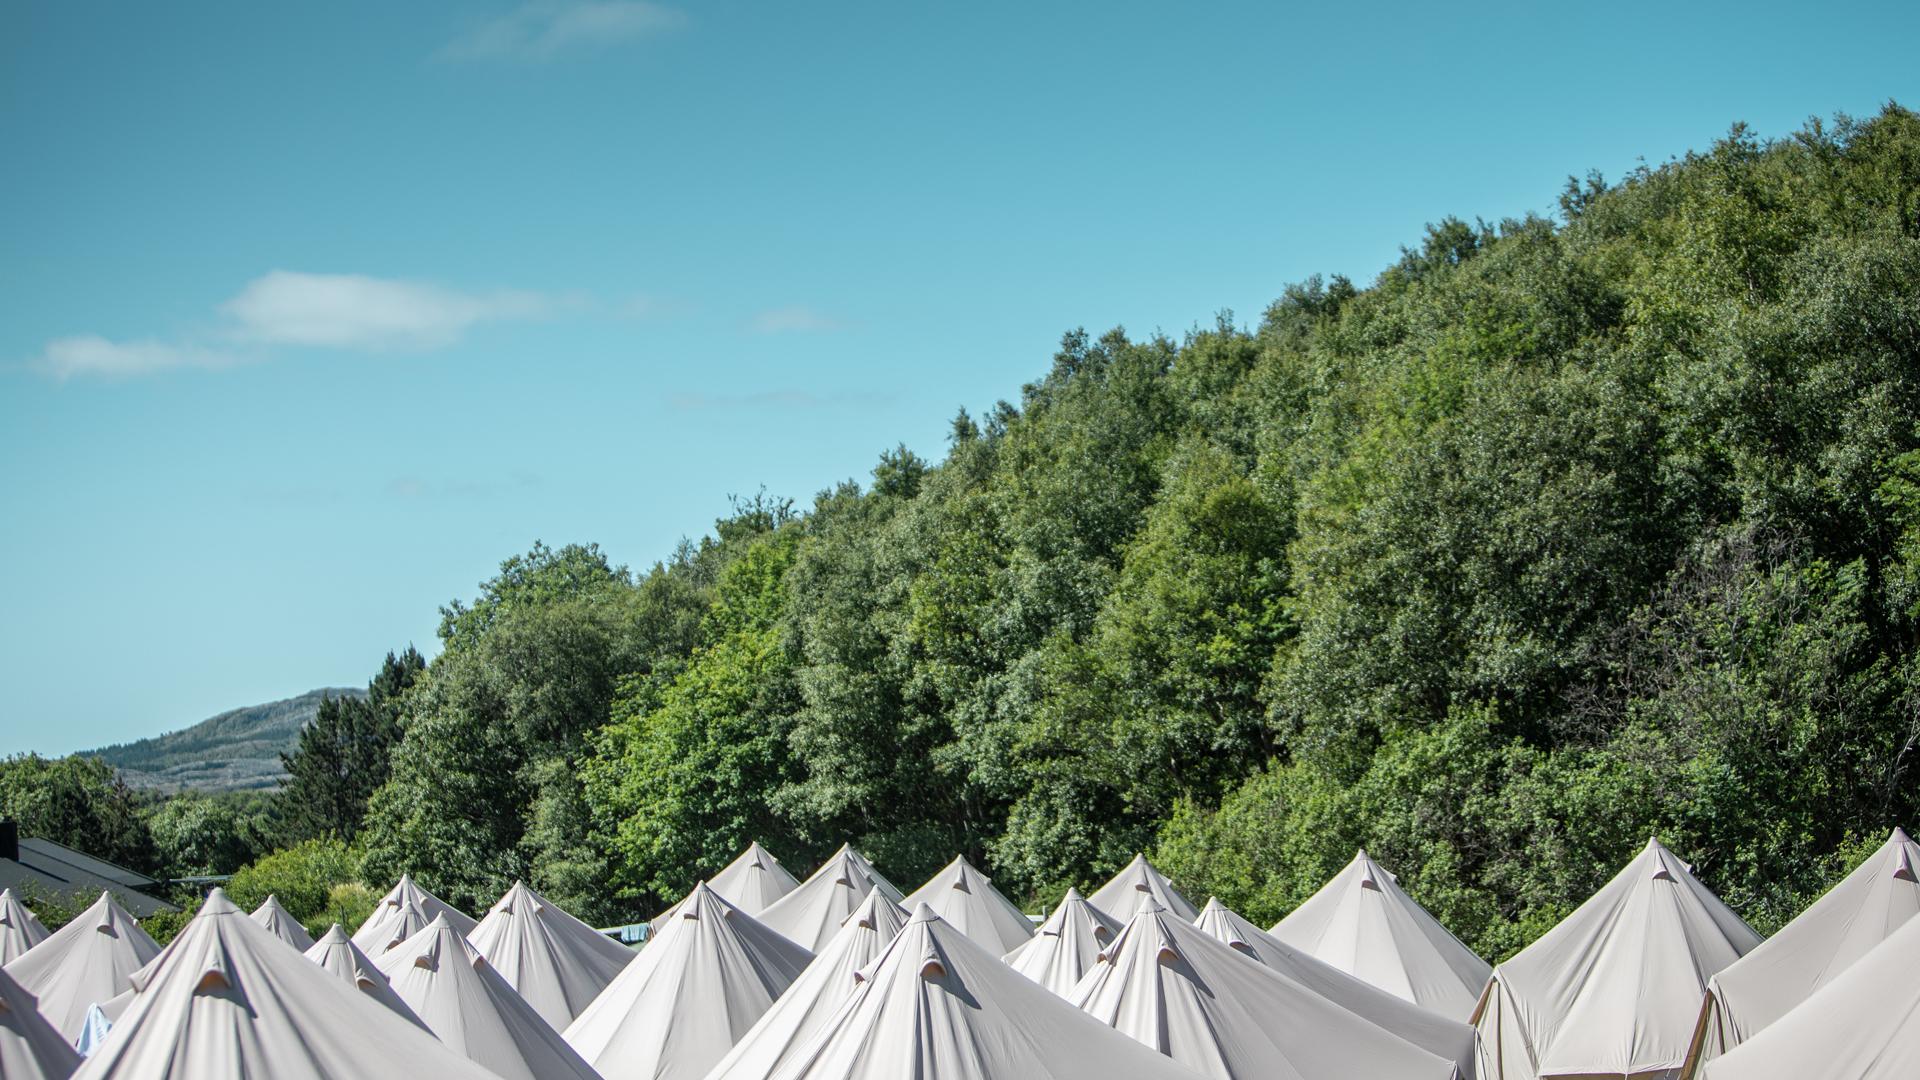 UTSOLGT!Glamping på Stokkøya Sjøsenter - Kom til ferdig oppsatt og innredet Glampingtelt på Stokkøya Festival!Nytt for 2019: Glampingområdet flyttes ned til gressletta mellom Sublugarene og Strandbaren, der det er campingplass resten av sesongen. Hotell-frokost er inkludert i prisen!Teltene er høykvalitets-telt laget med bærekraftig bomull. Den kraftige teltduken og teltbunn med høye kanter holder deg tørr uansett vær, og ekstra nettingdør og vegger holder insekter ute.Avstander:40 m til Strandbaren - 40 m til stranda - 900 m til festivalområdet